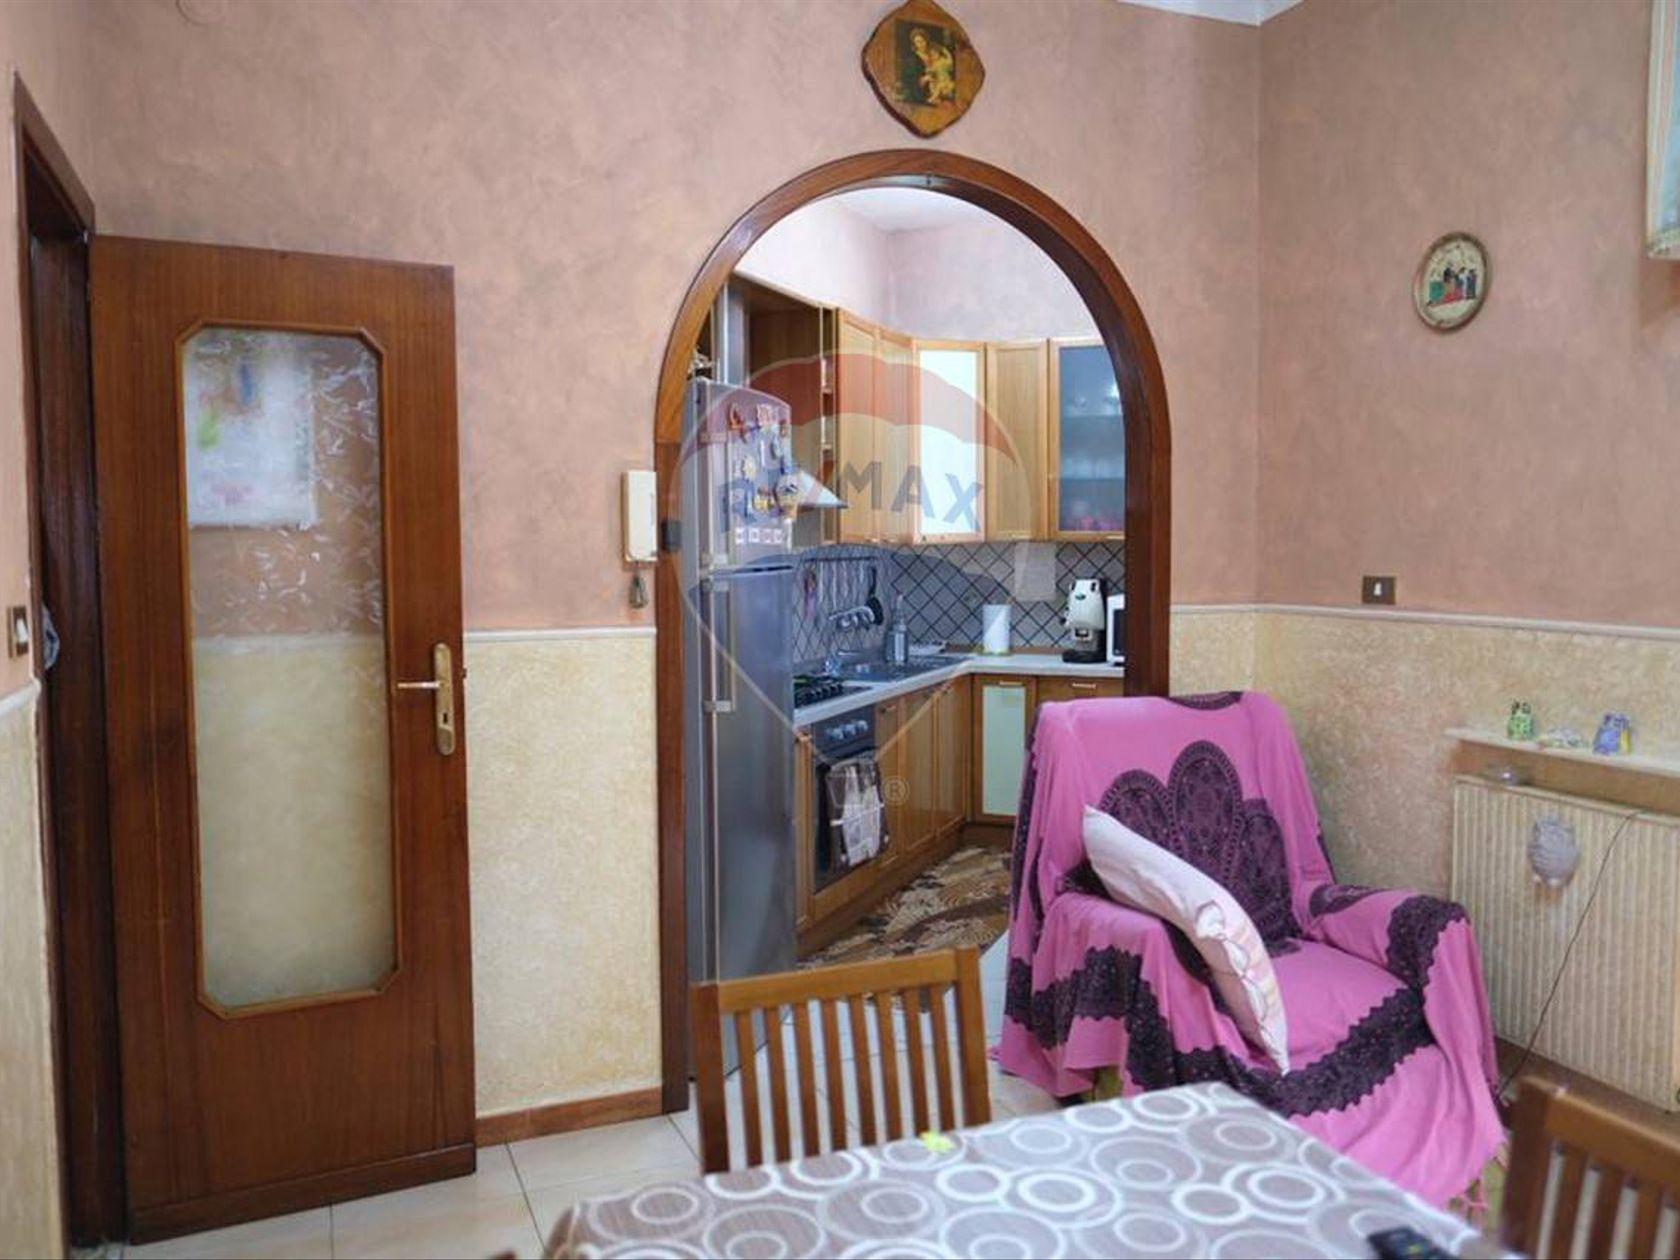 Casa Indipendente Zona stazione, Aversa, CE Vendita - Foto 9